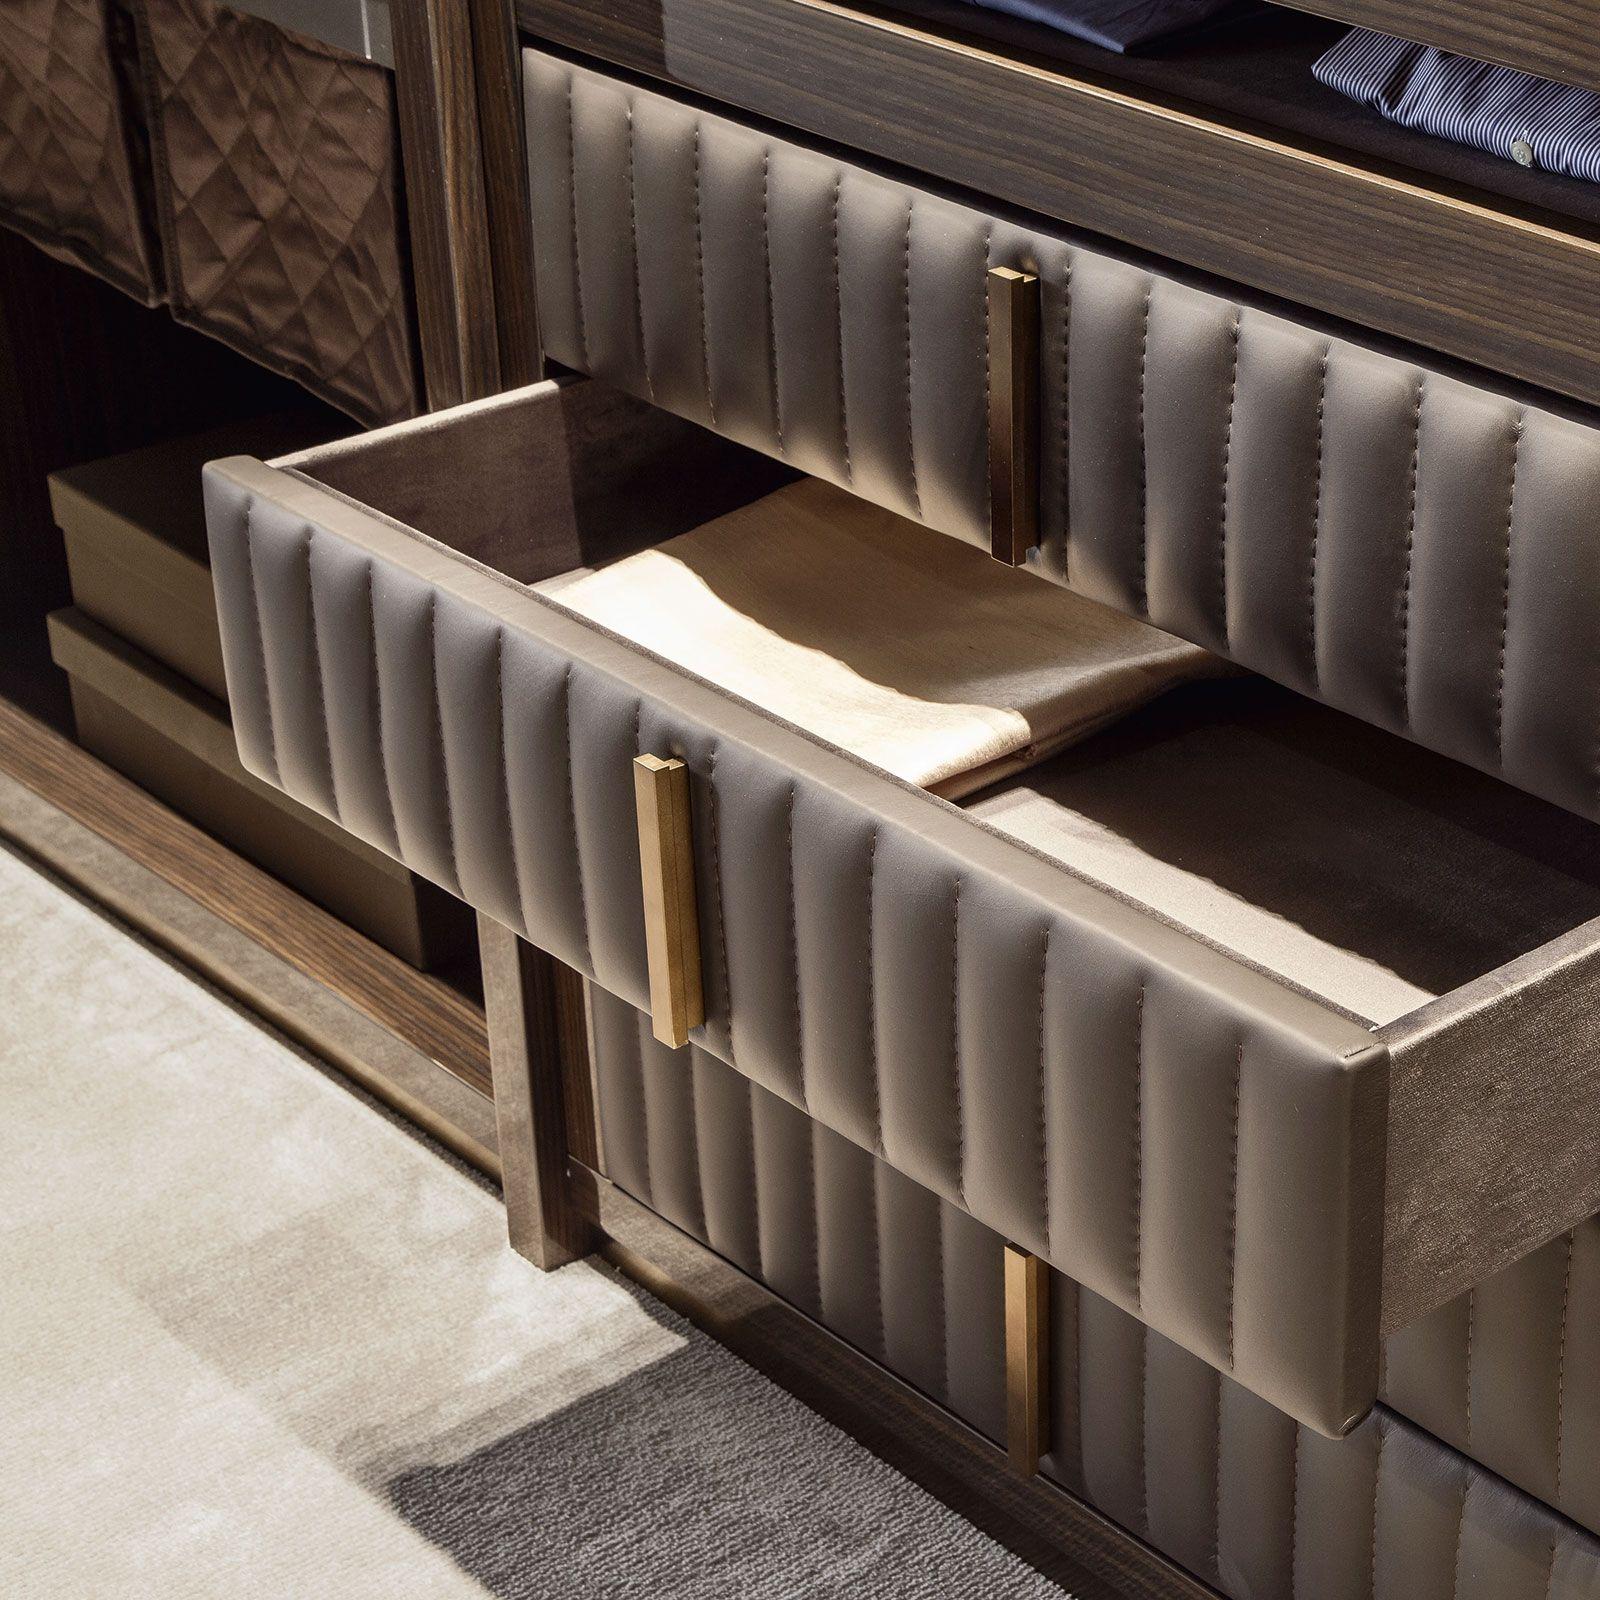 Daytona arredamento contemporaneo moderno di lusso arredo for Arredamento casa stile contemporaneo